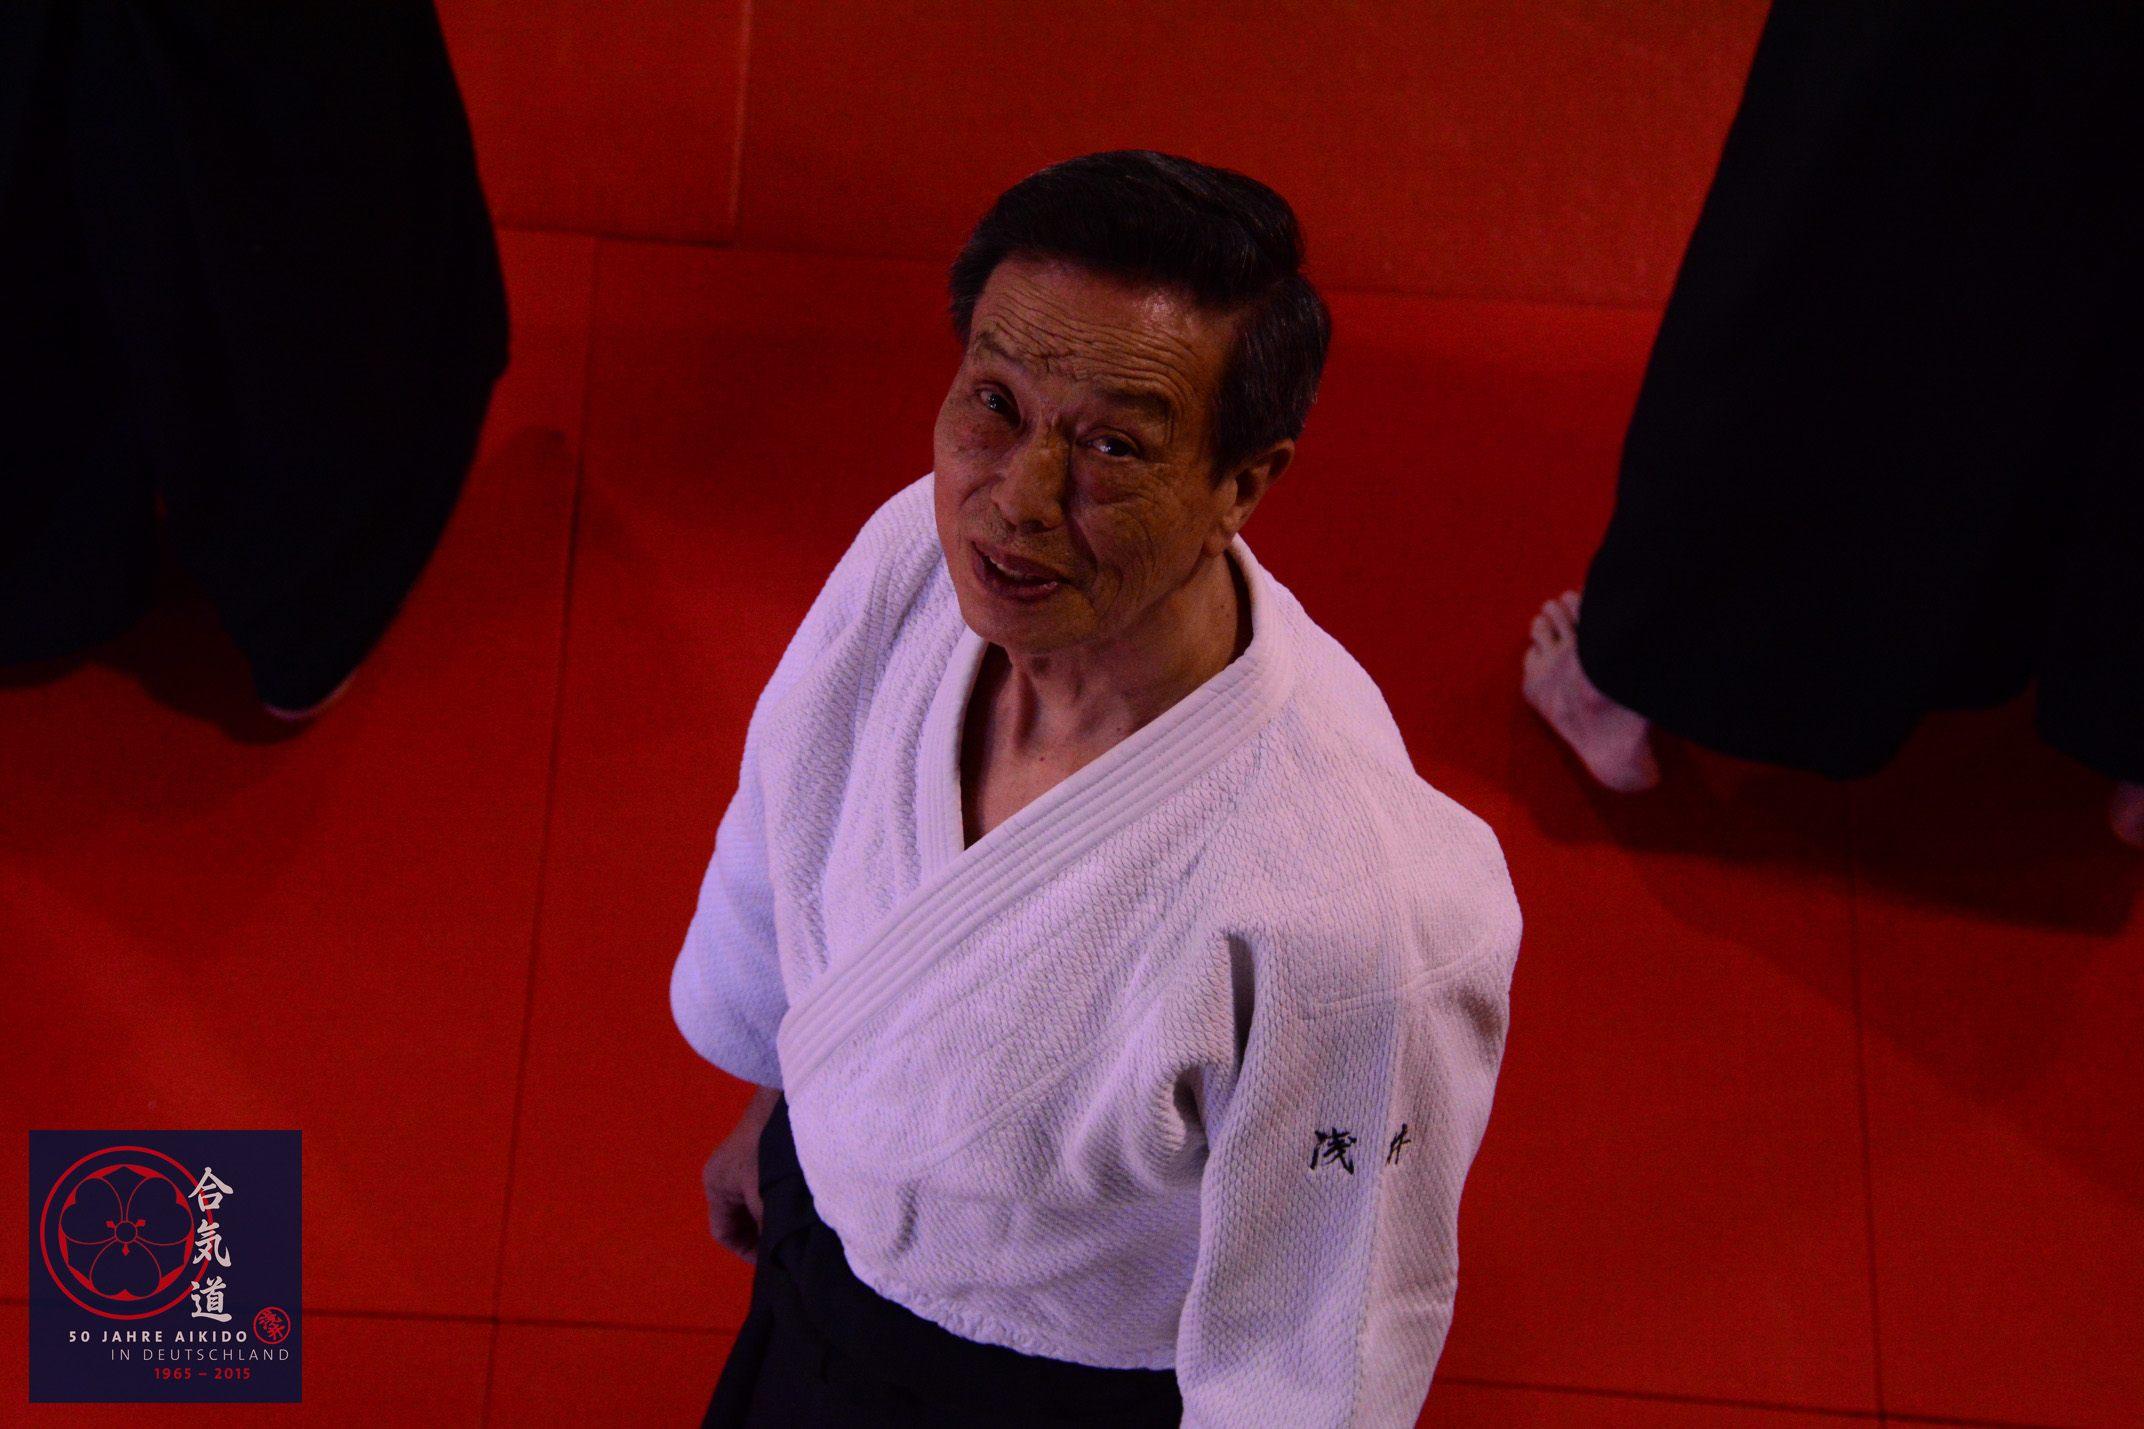 Meister Asai